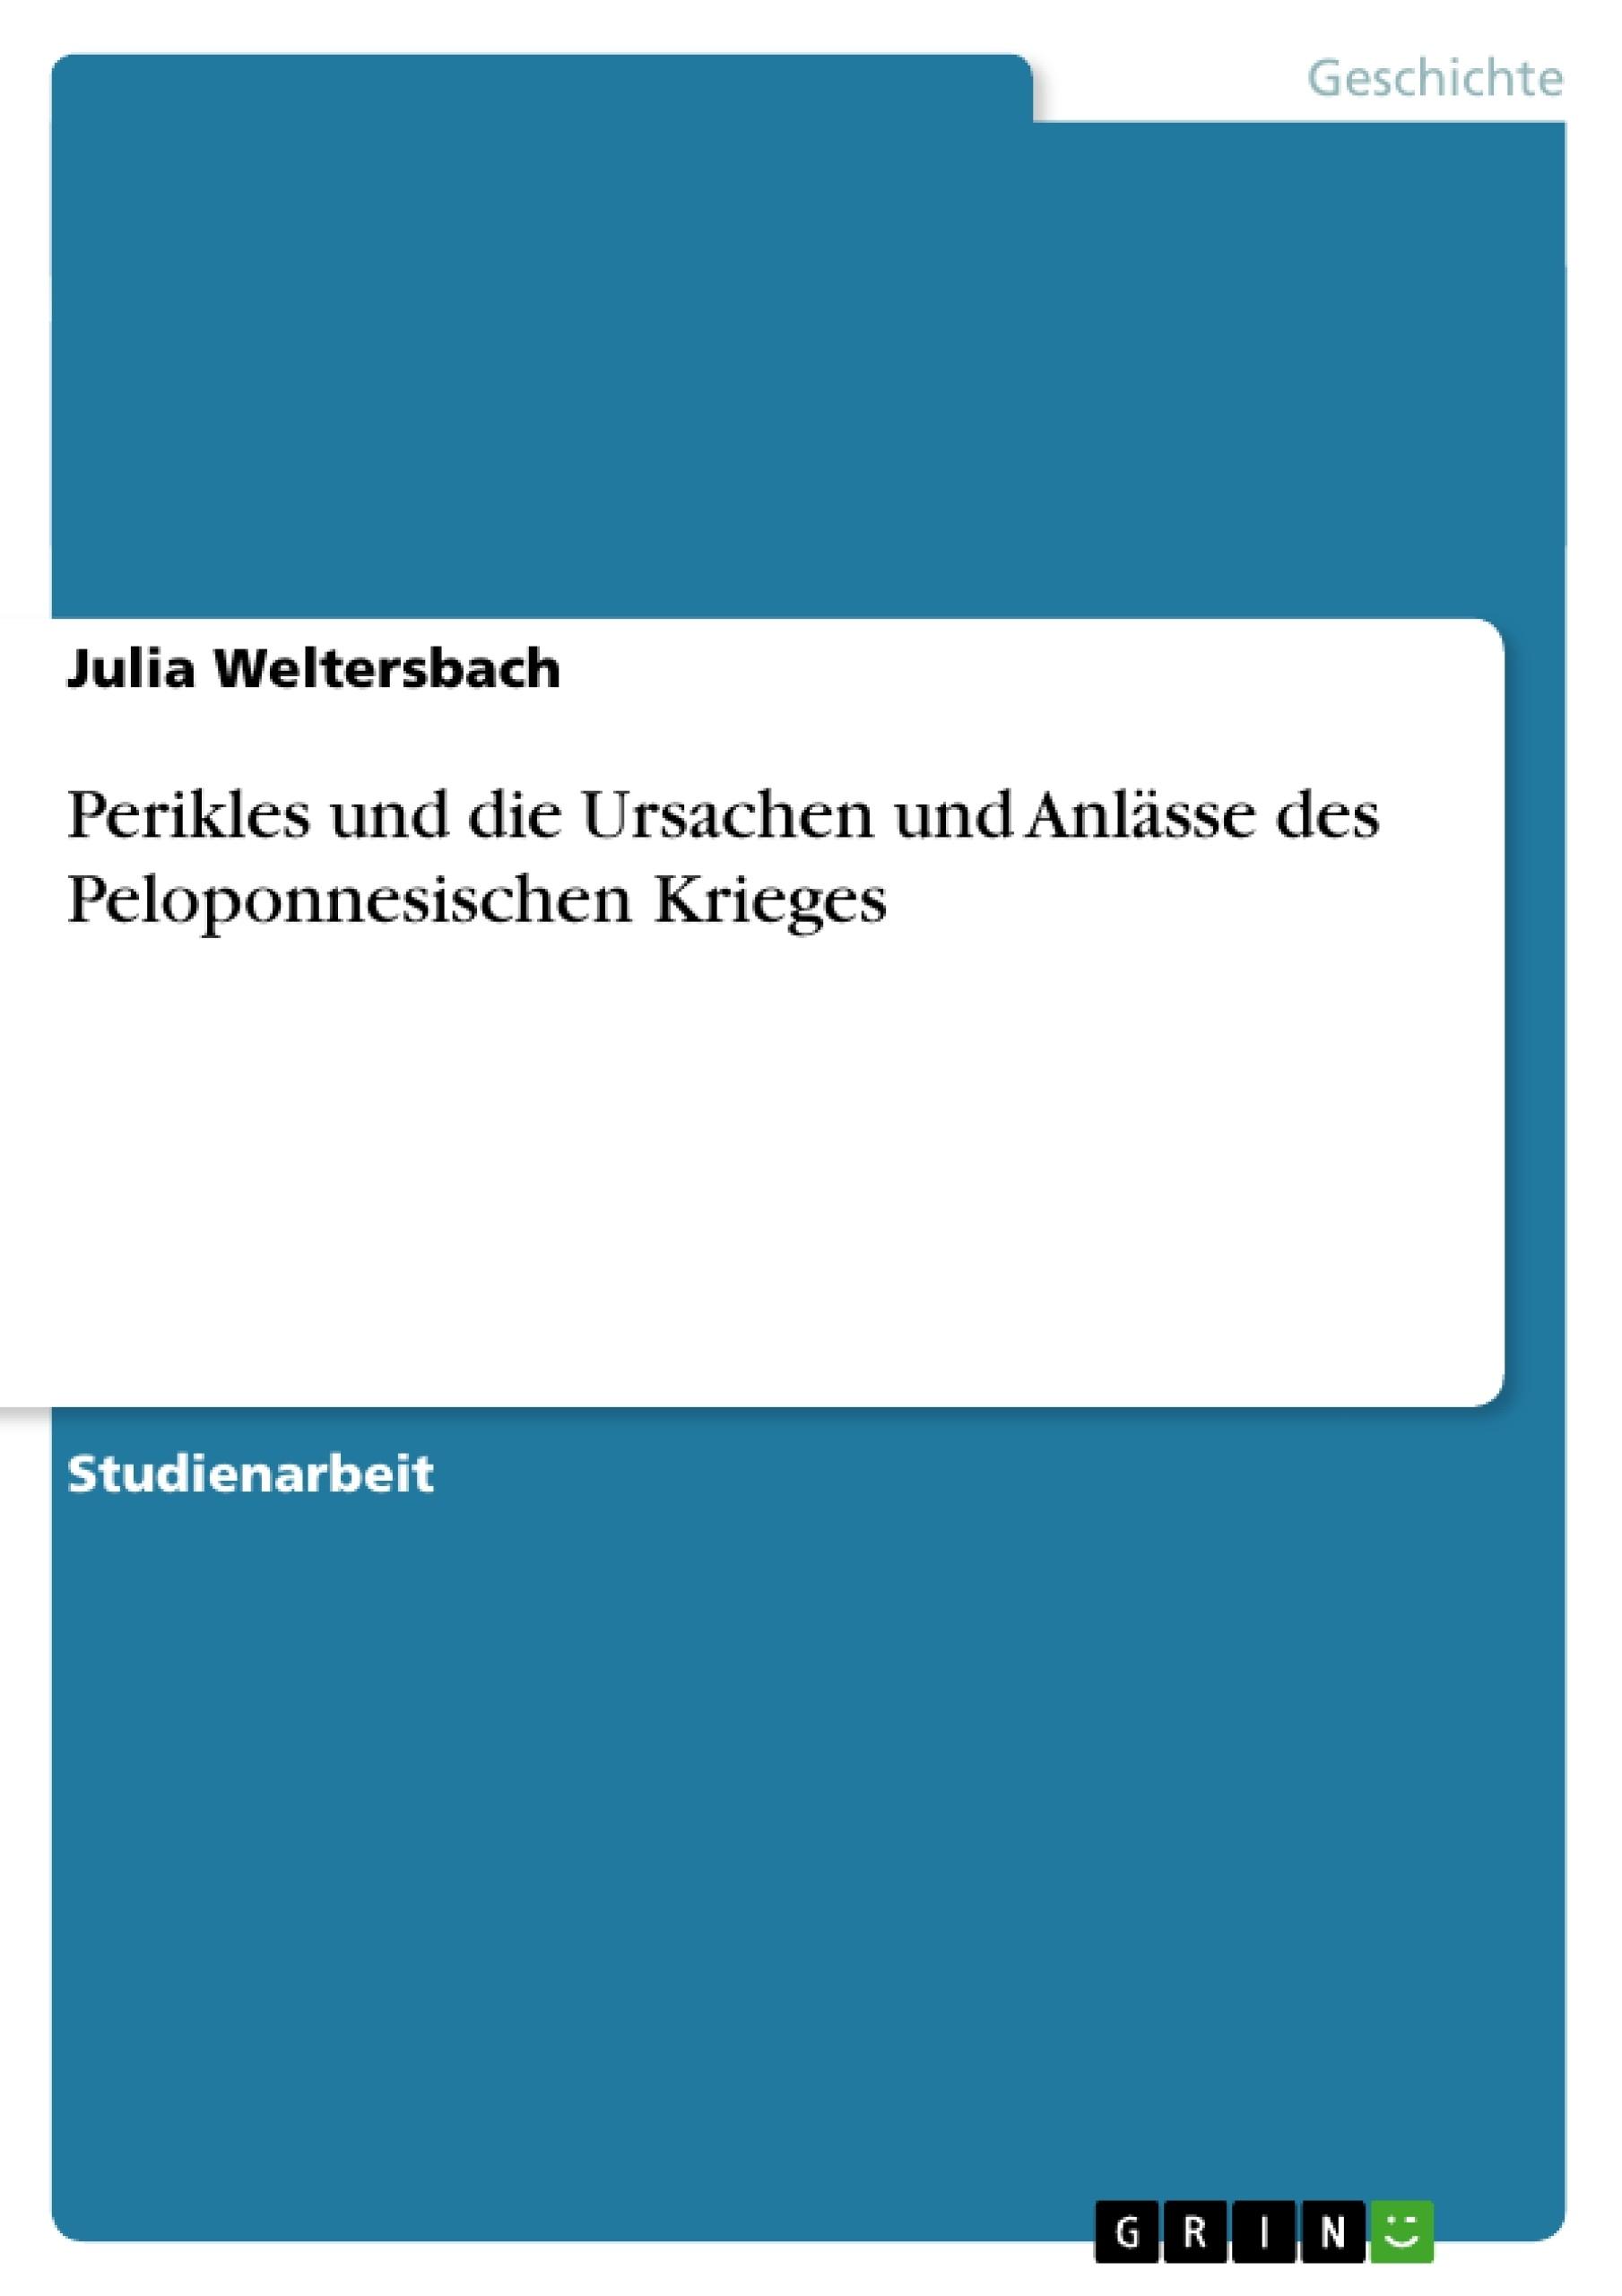 Titel: Perikles und die Ursachen und Anlässe des Peloponnesischen Krieges